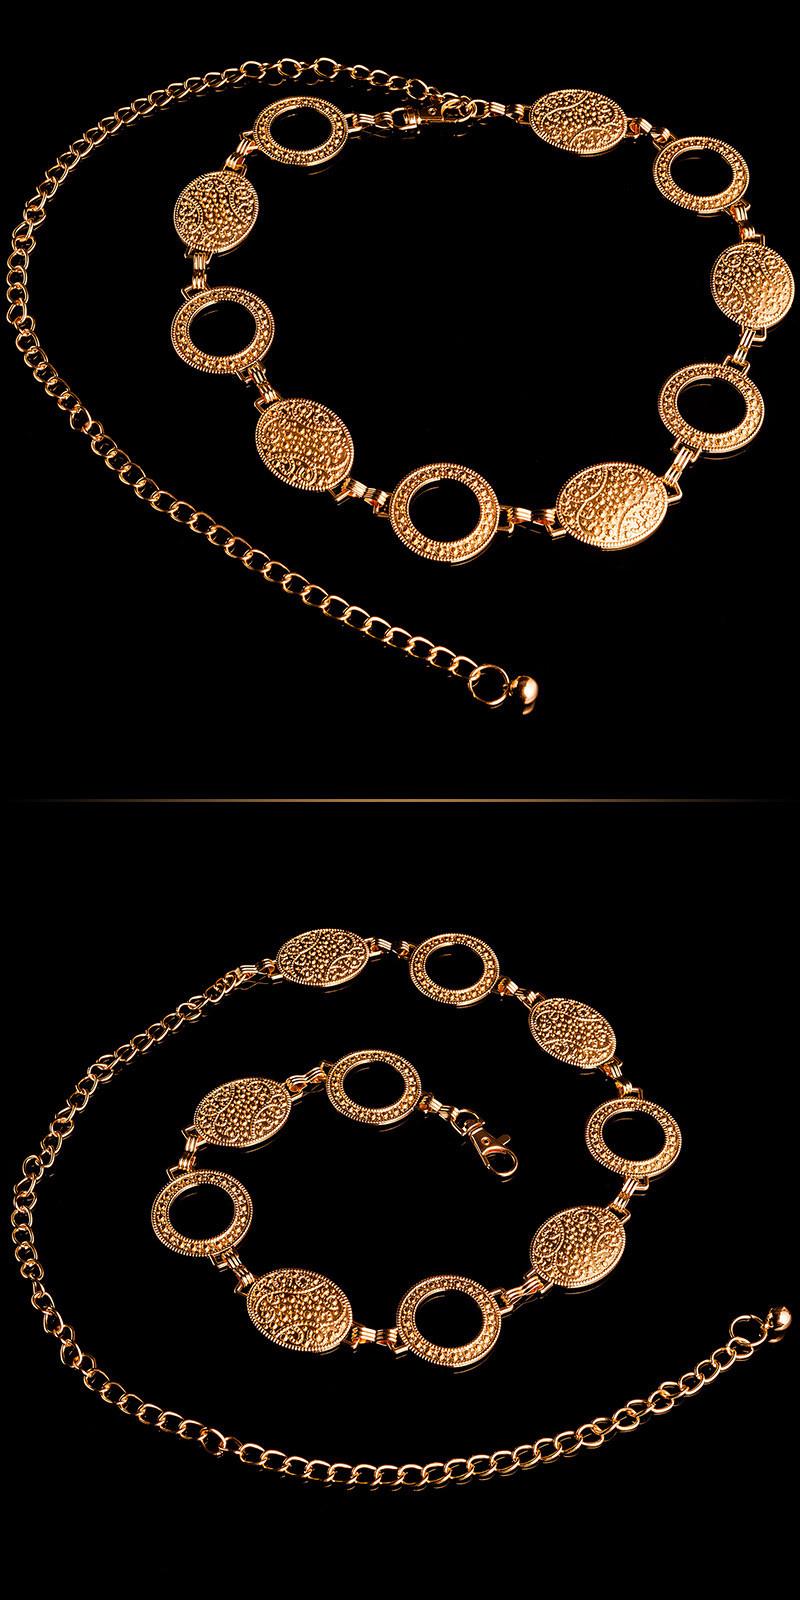 Trendy ketting riem antique look goud